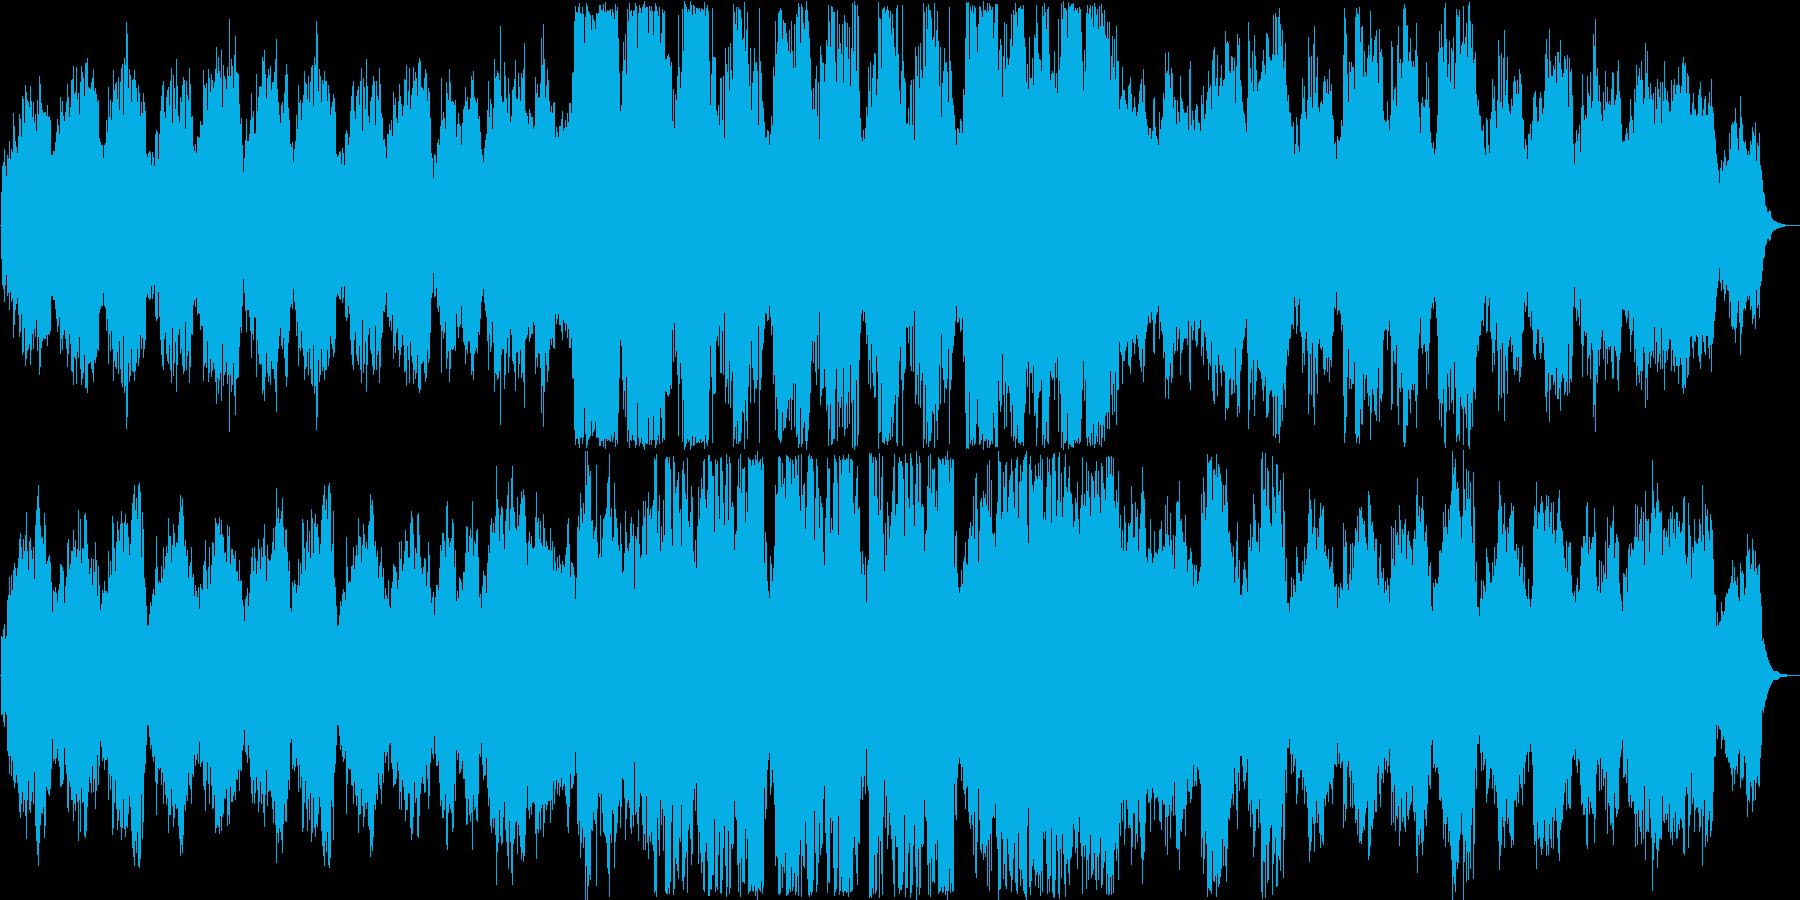 優雅で綺麗なリラクゼーションミュージックの再生済みの波形